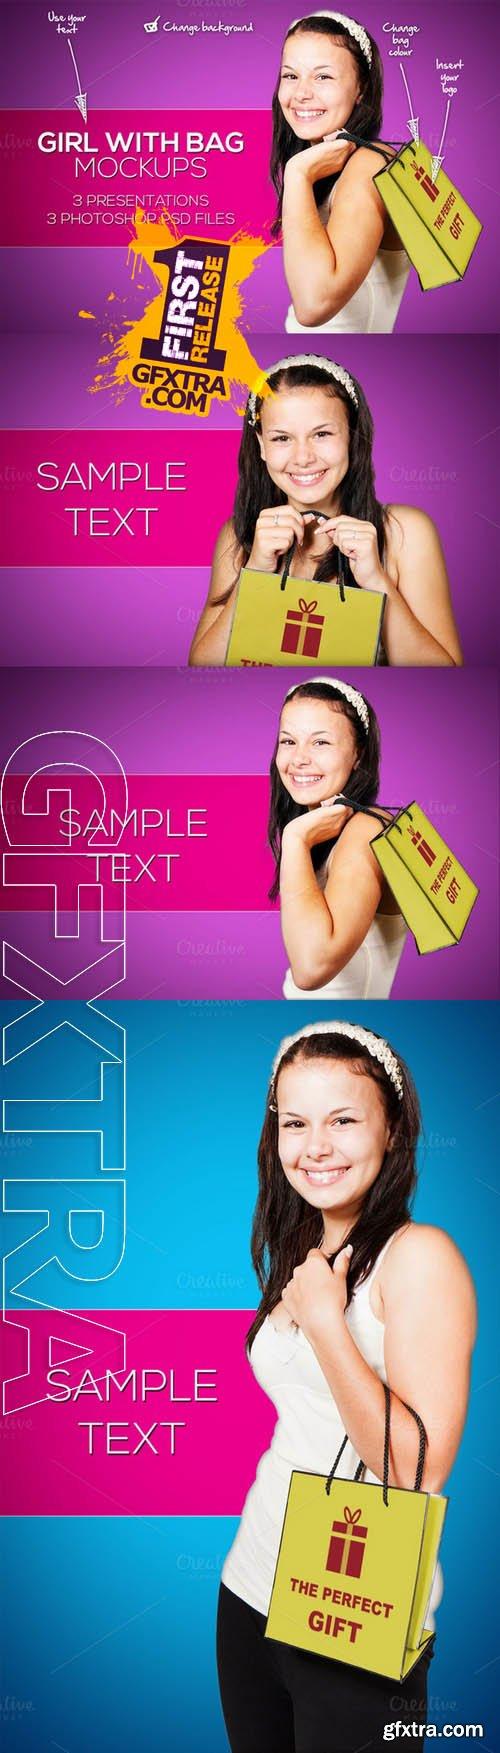 Girl with Bag and logo Mockups - Creativemarket 131767